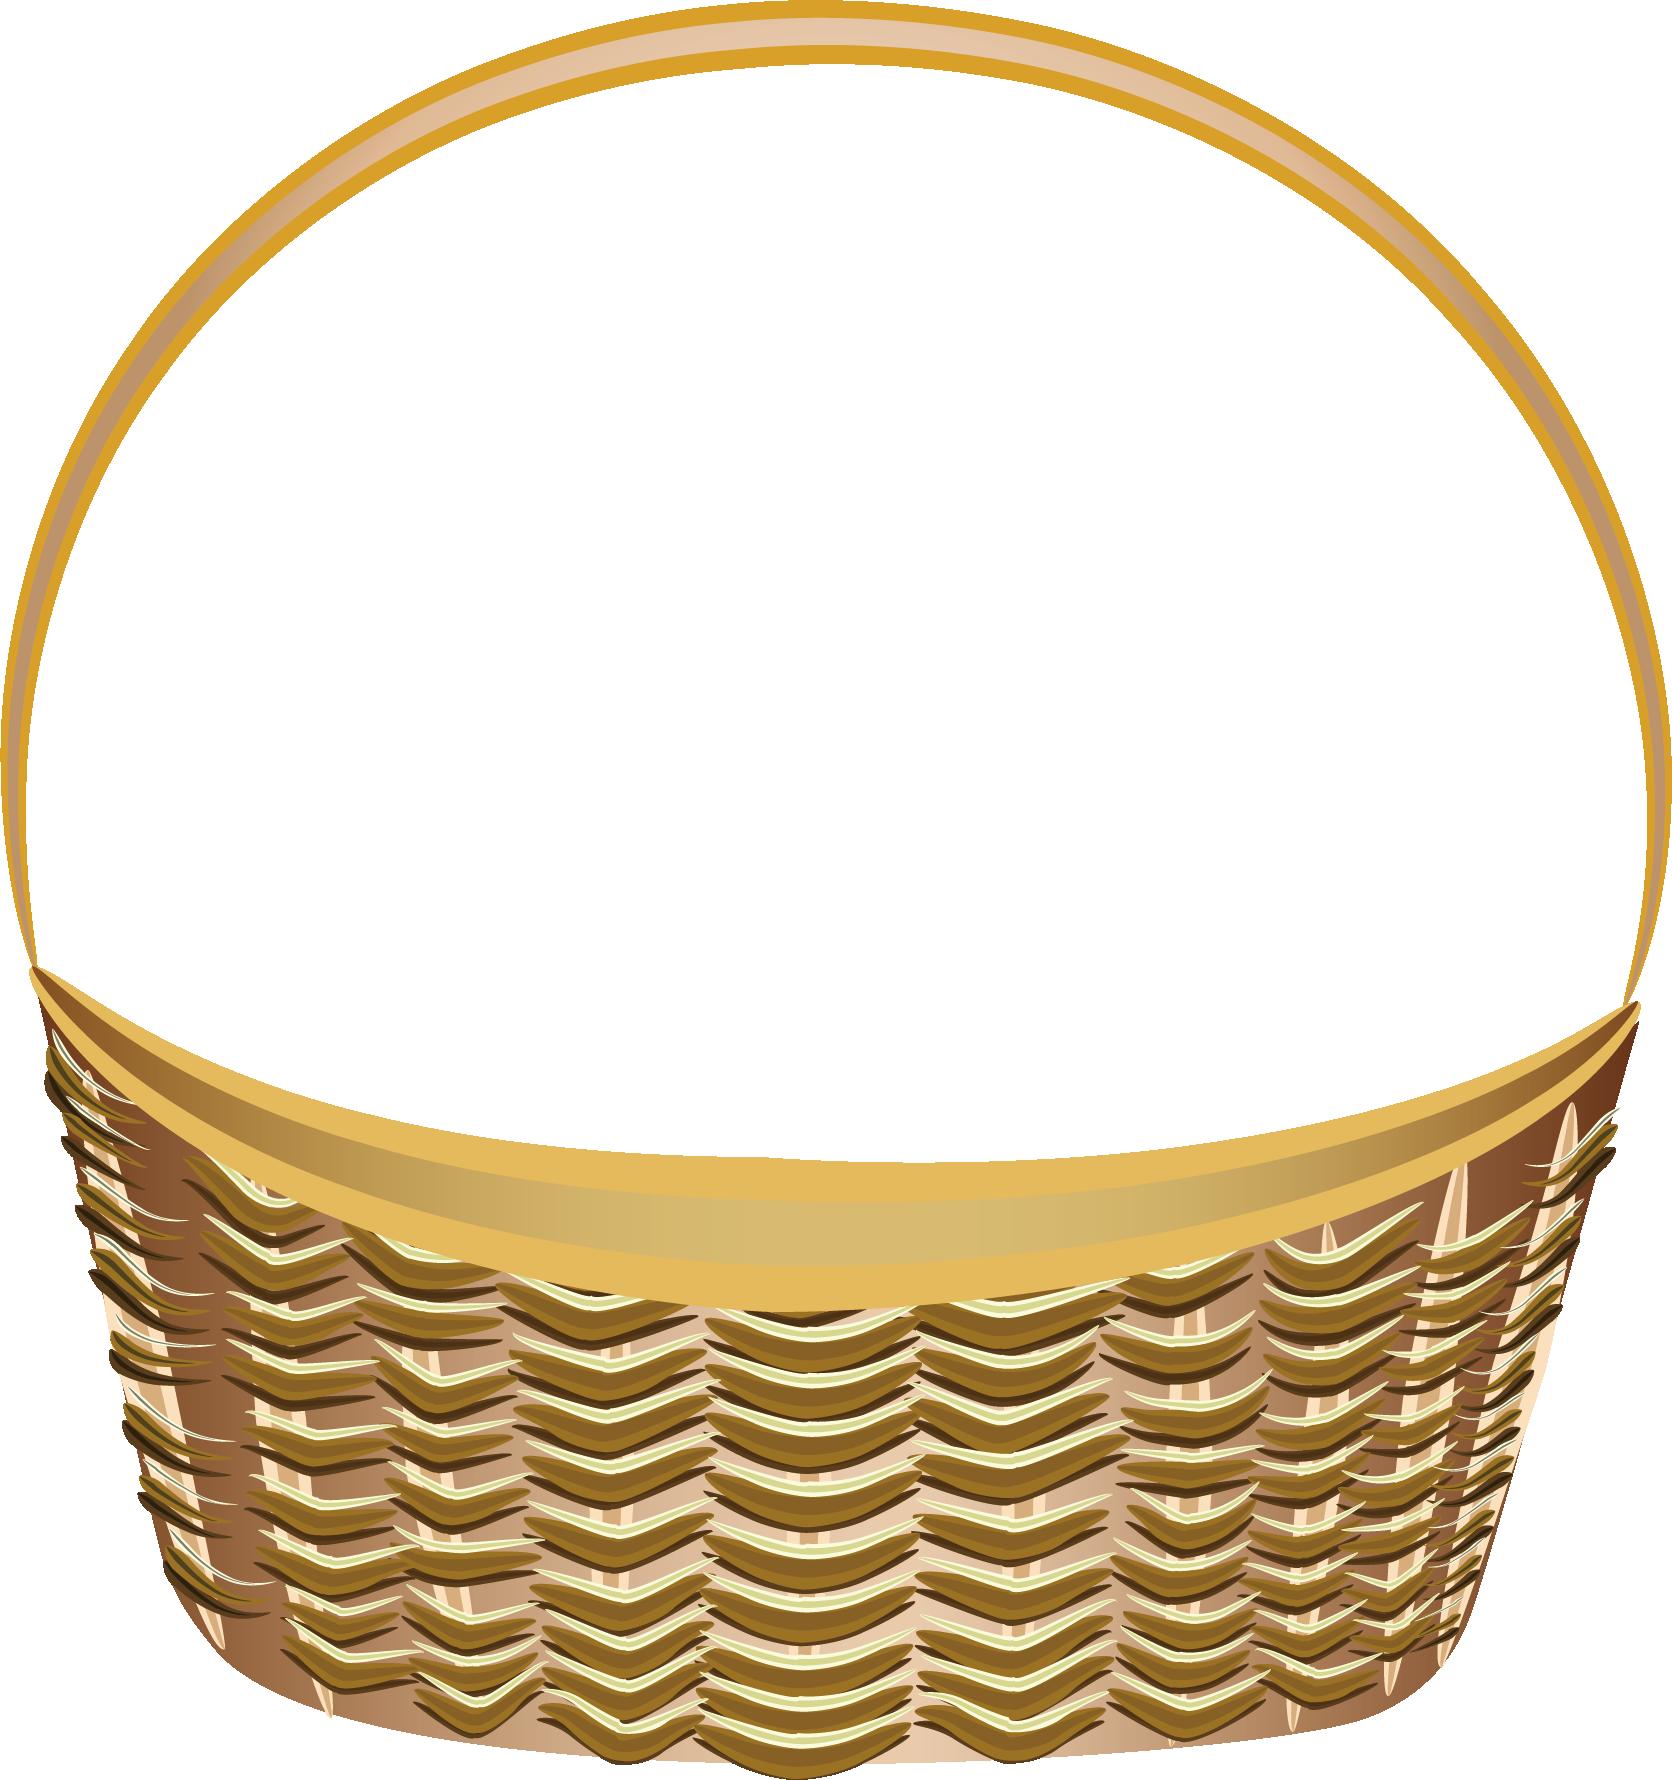 Vegetable fruit clip art. Lemons clipart basket mango